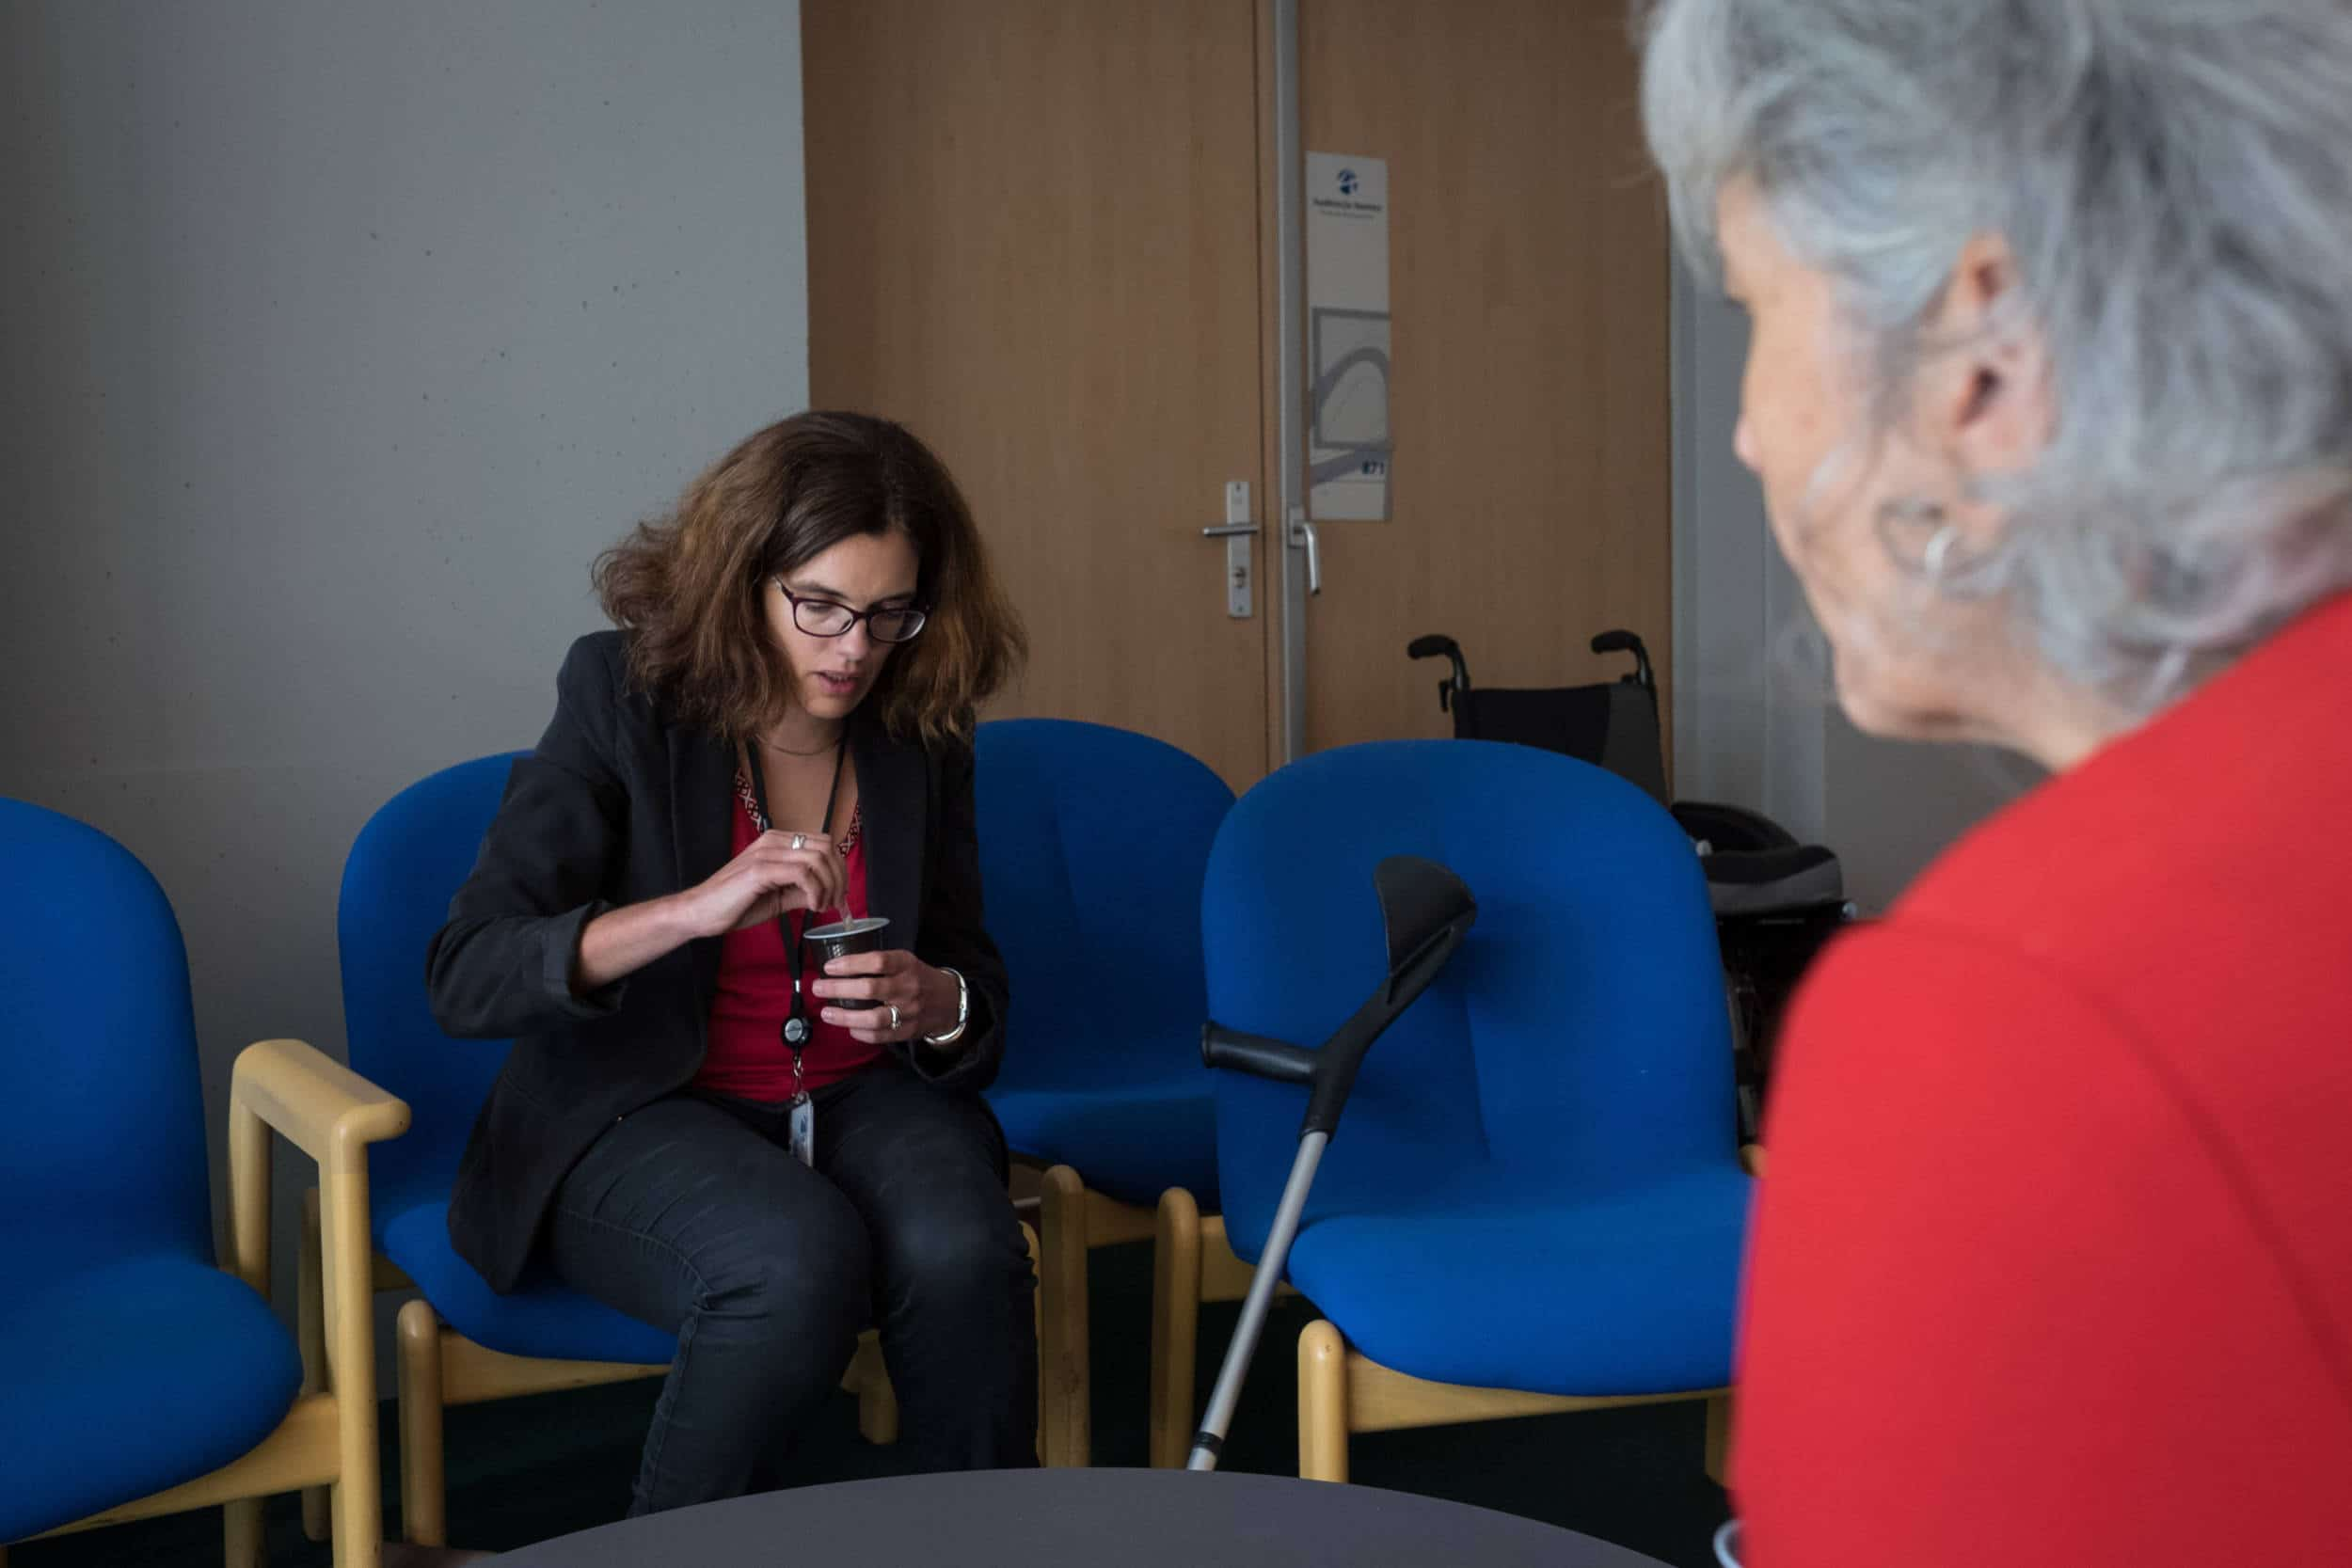 Delphine, assise sur une chaise, remue son café en discutant avec une collègue de travail